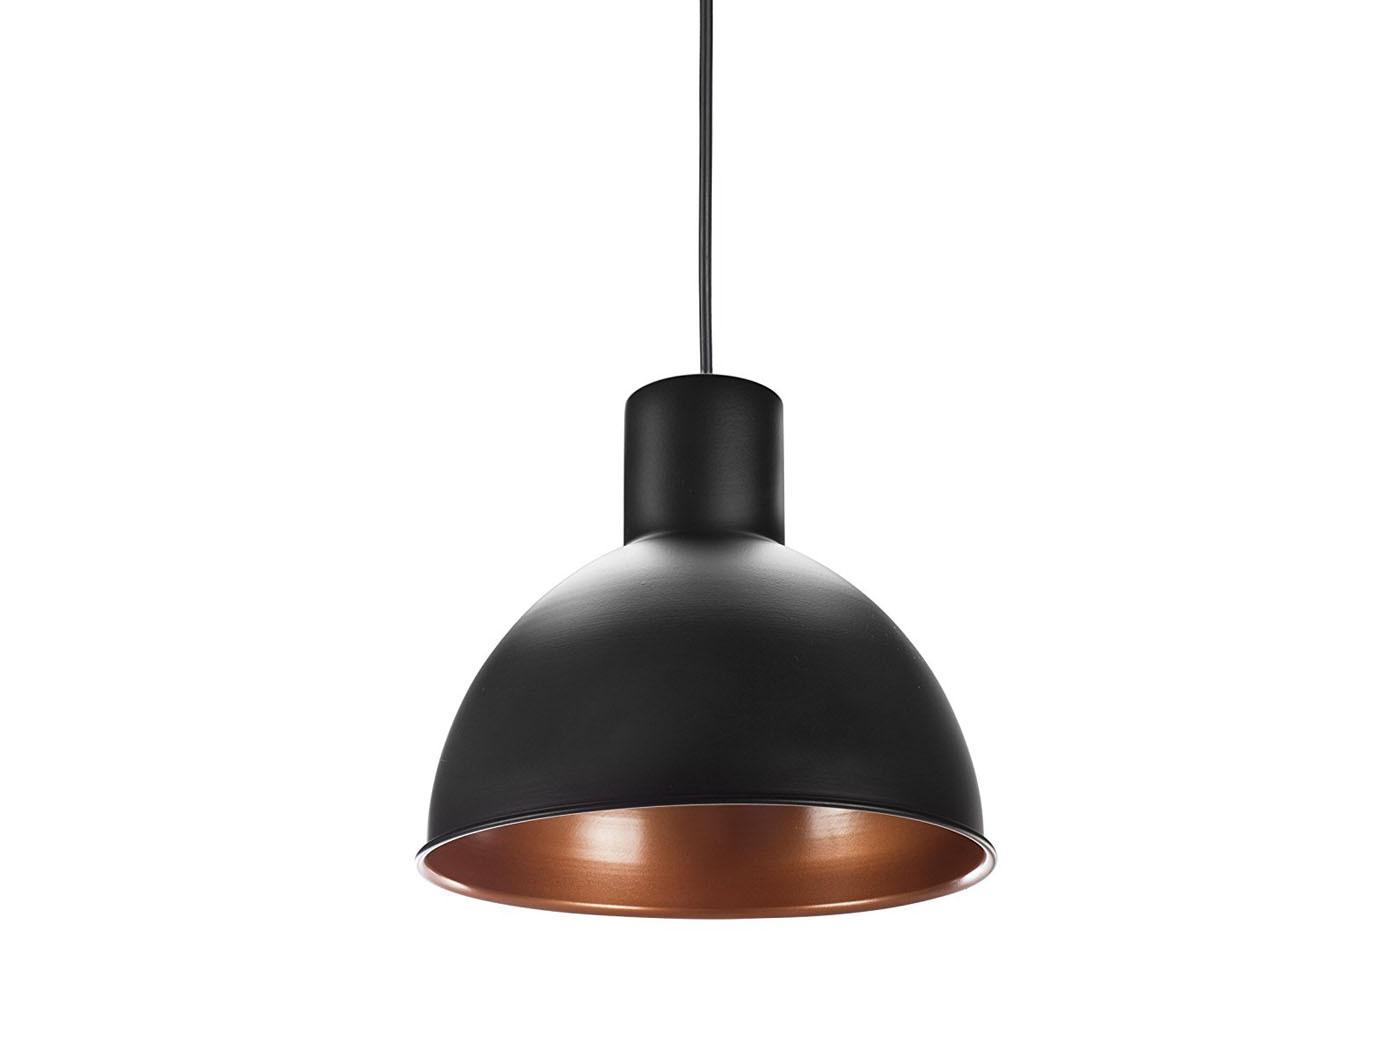 h ngelampe industrielampe 30cm schwarz bronze mit led. Black Bedroom Furniture Sets. Home Design Ideas